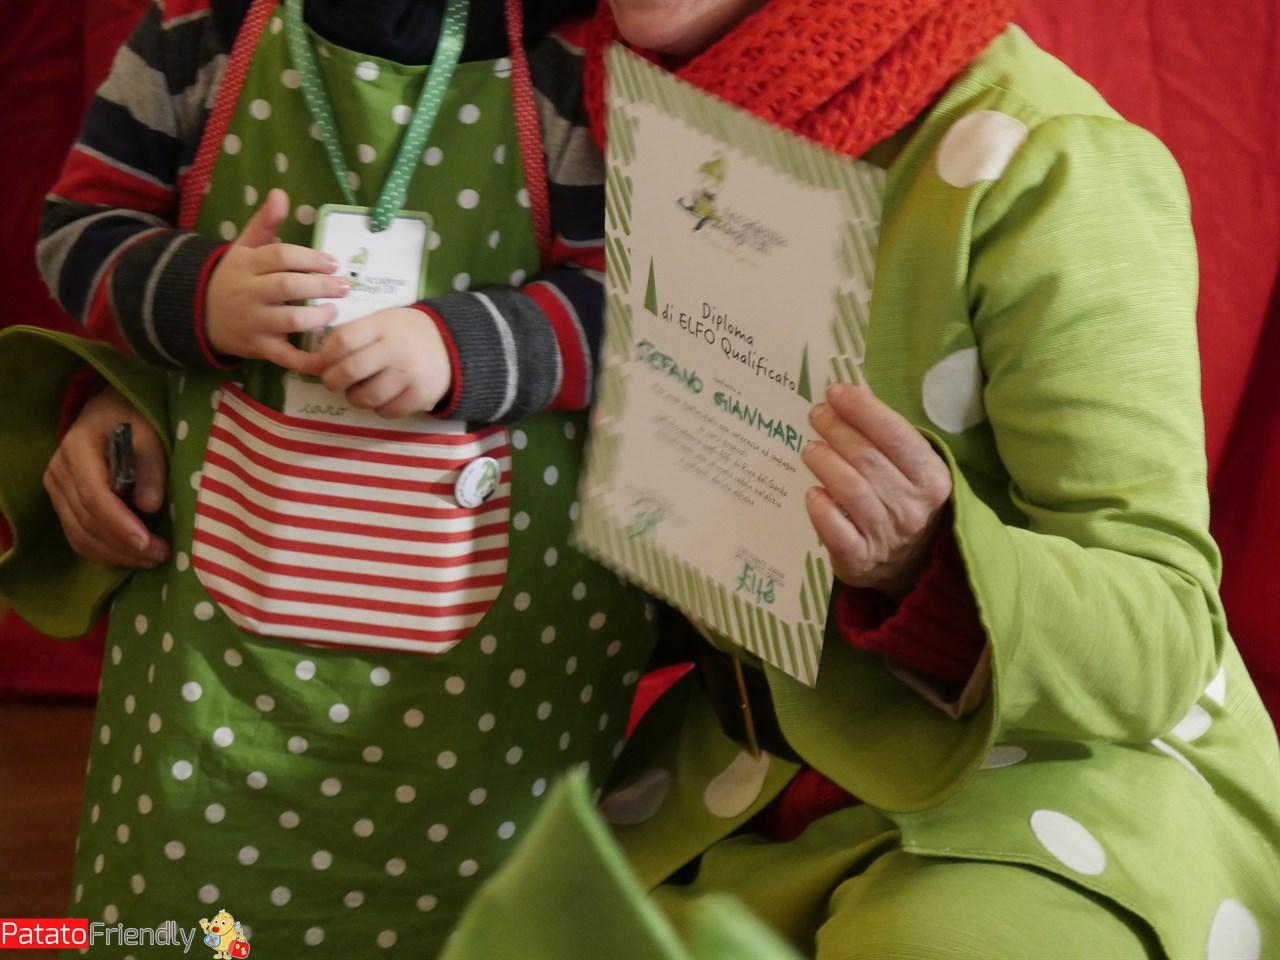 [cml_media_alt id='13051']Il diploma dell'Accademia degli Elfi di Riva del Garda - i bambini si sono trasformati in piccoli elfi di Natale all'Accademia di Riva[/cml_media_alt]